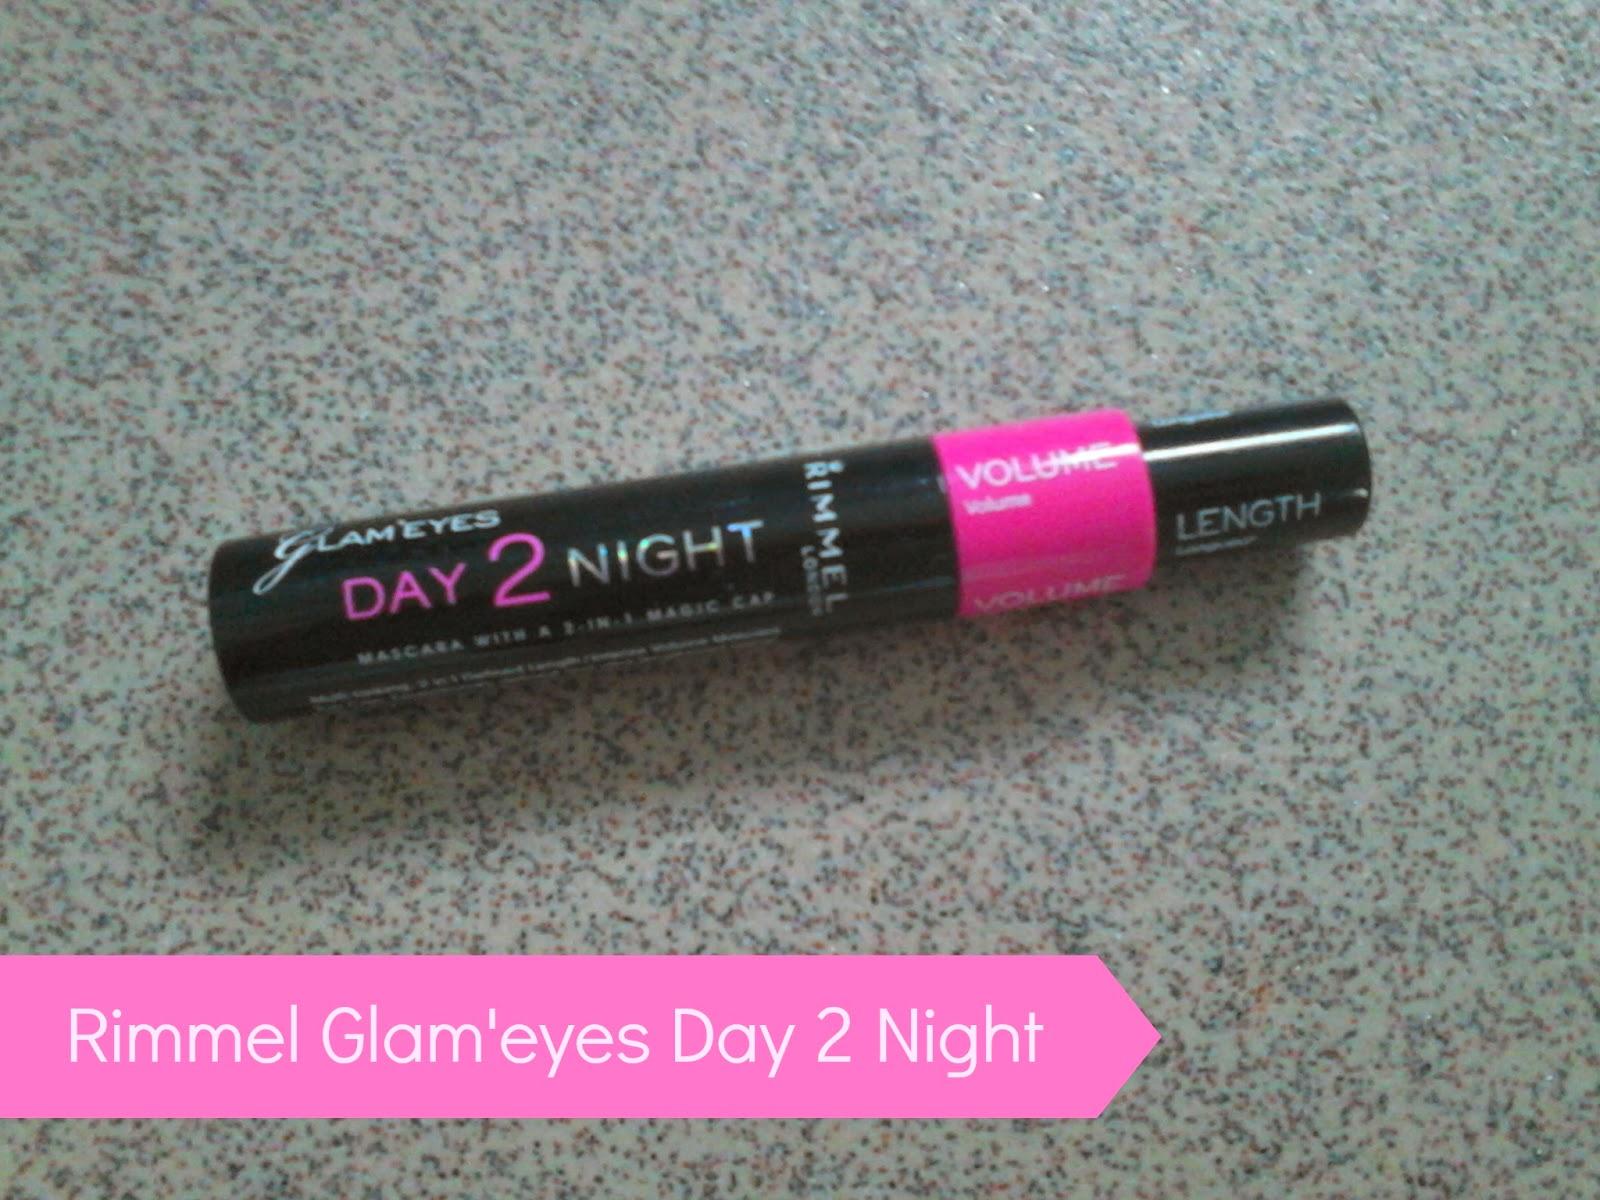 Rimmel Glam'Eyes Day 2 Night Mascara